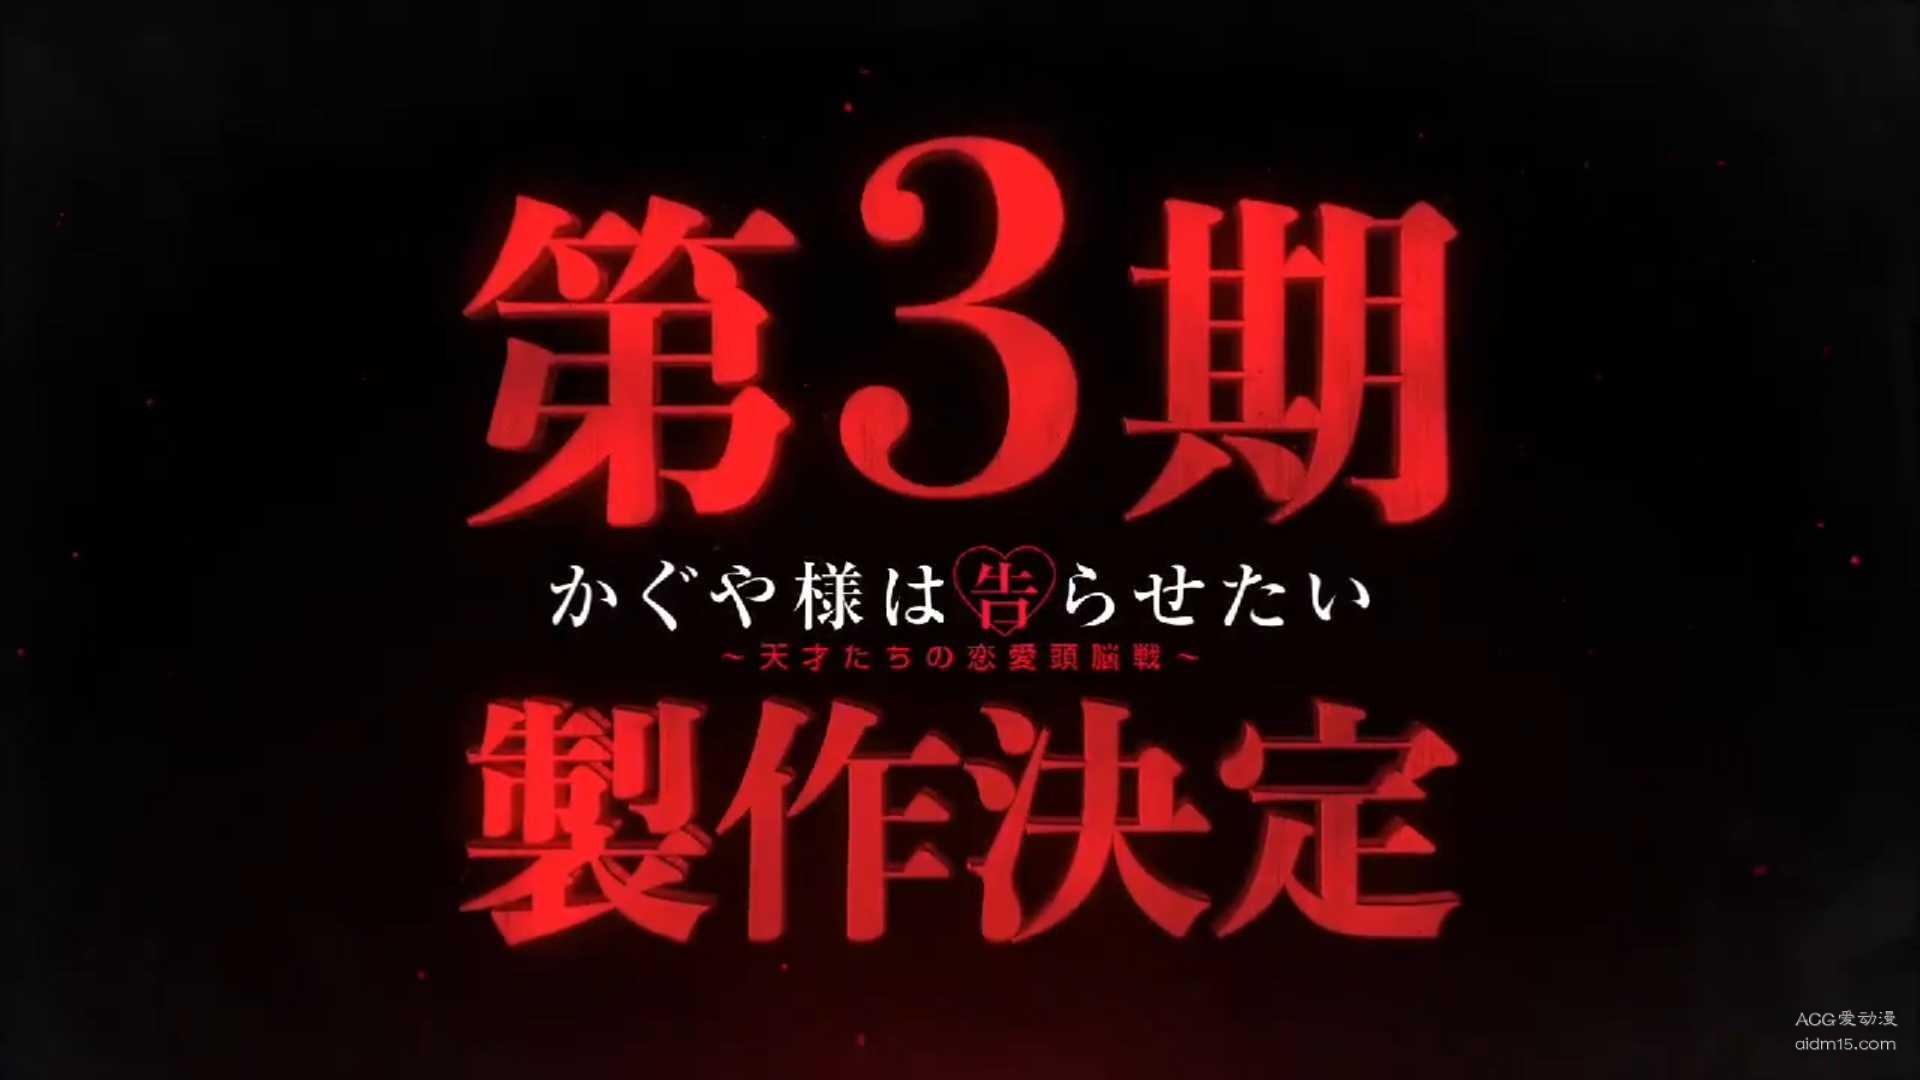 【资讯】动画《辉夜大小姐想让我告白》OVA&第3季制作决定-柚妹网